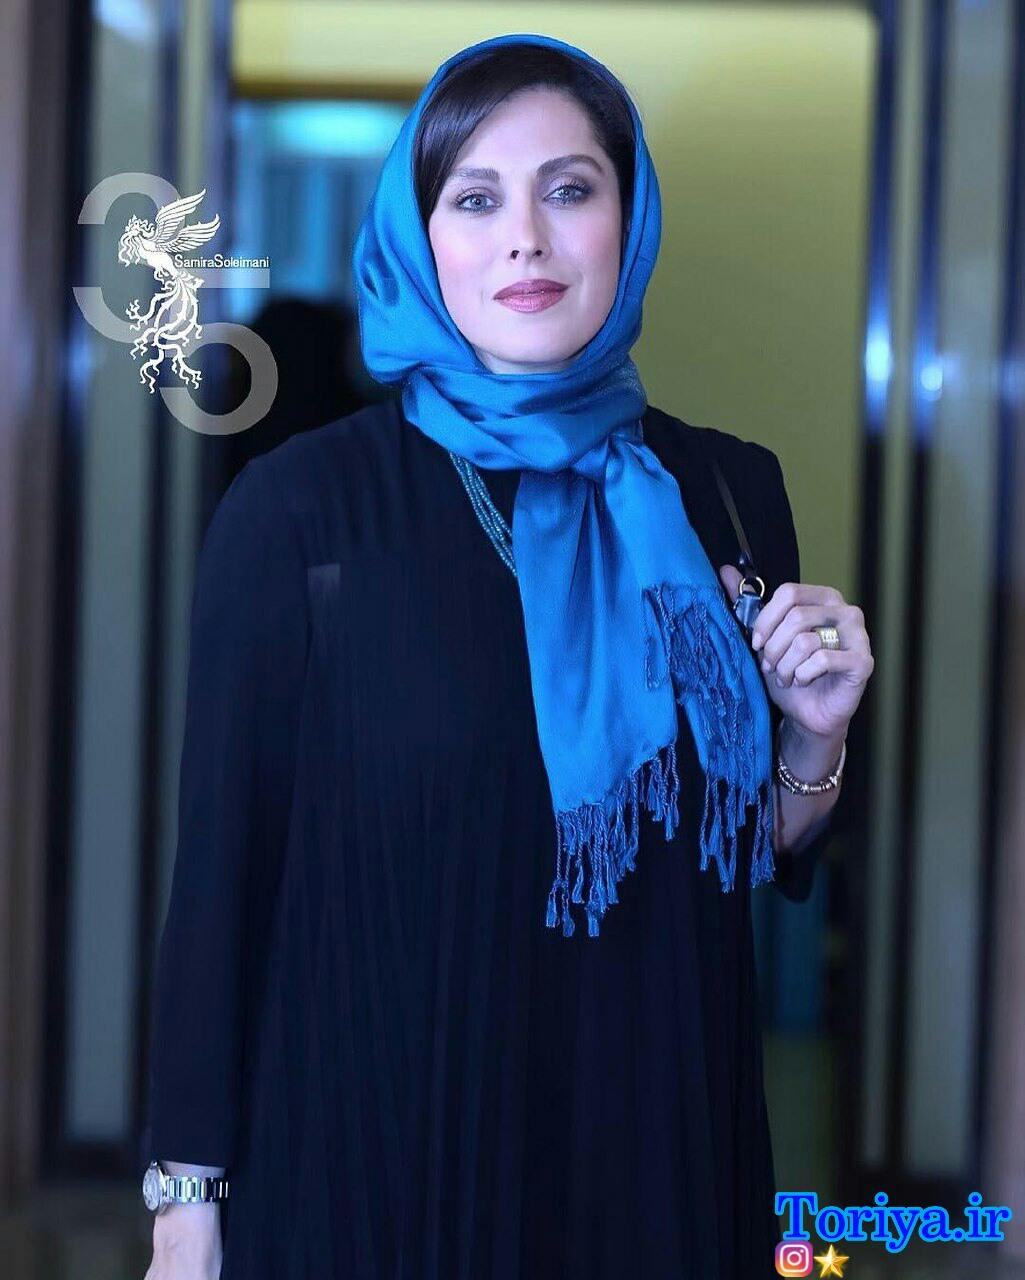 عکس مهتاب کرامتی در افتتاحیه سی و پنجمین جشنواره فیلم فجر_فجر 35